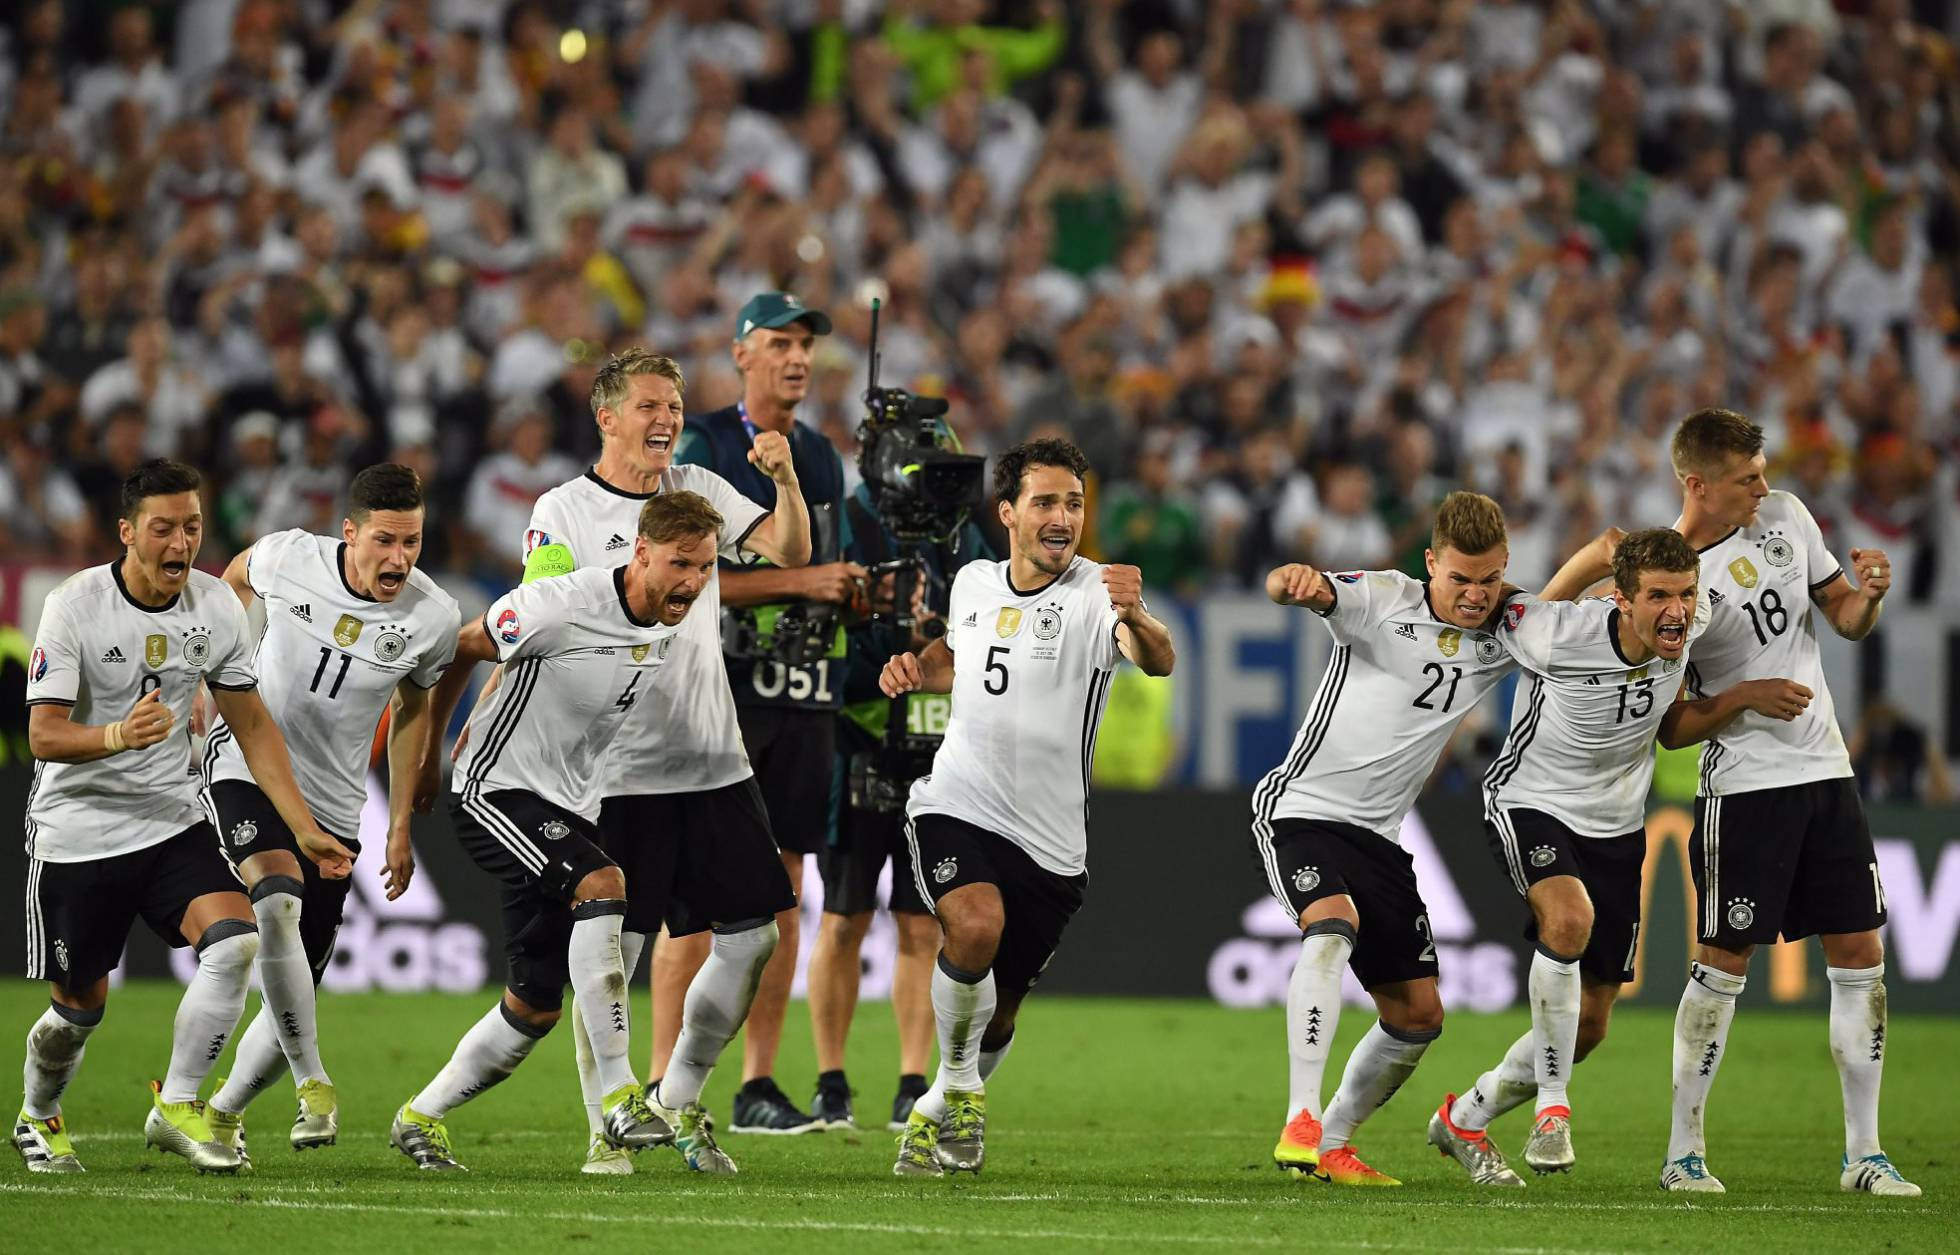 Alemania avanza a semifinales de la Eurocopa de fútbol